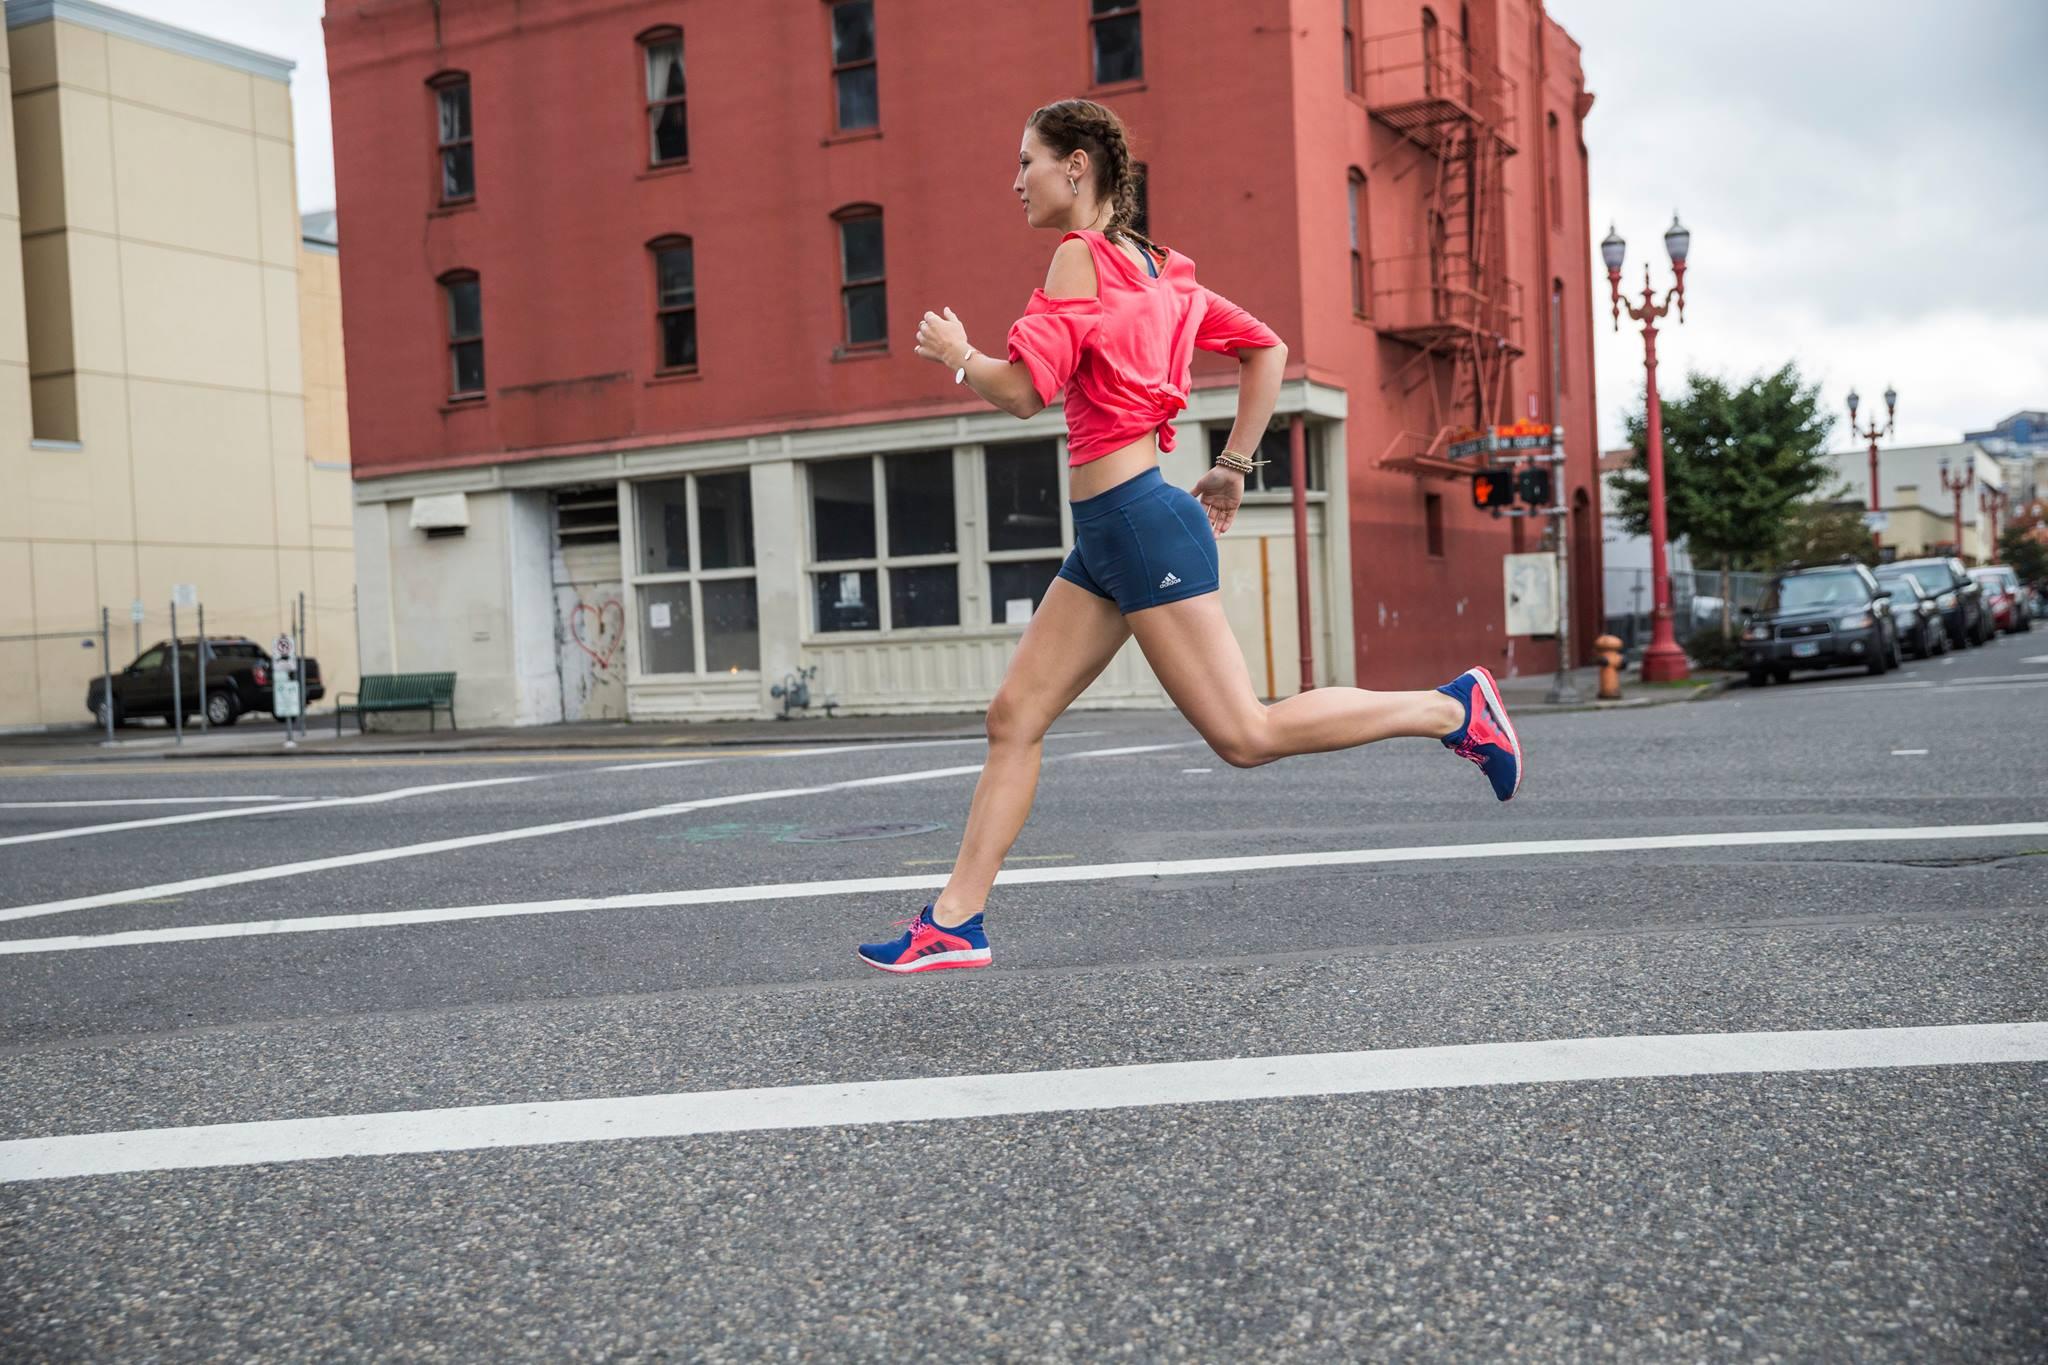 Dobre novice, tekači: Močna stegna rešujejo življenja, zlasti ženskam